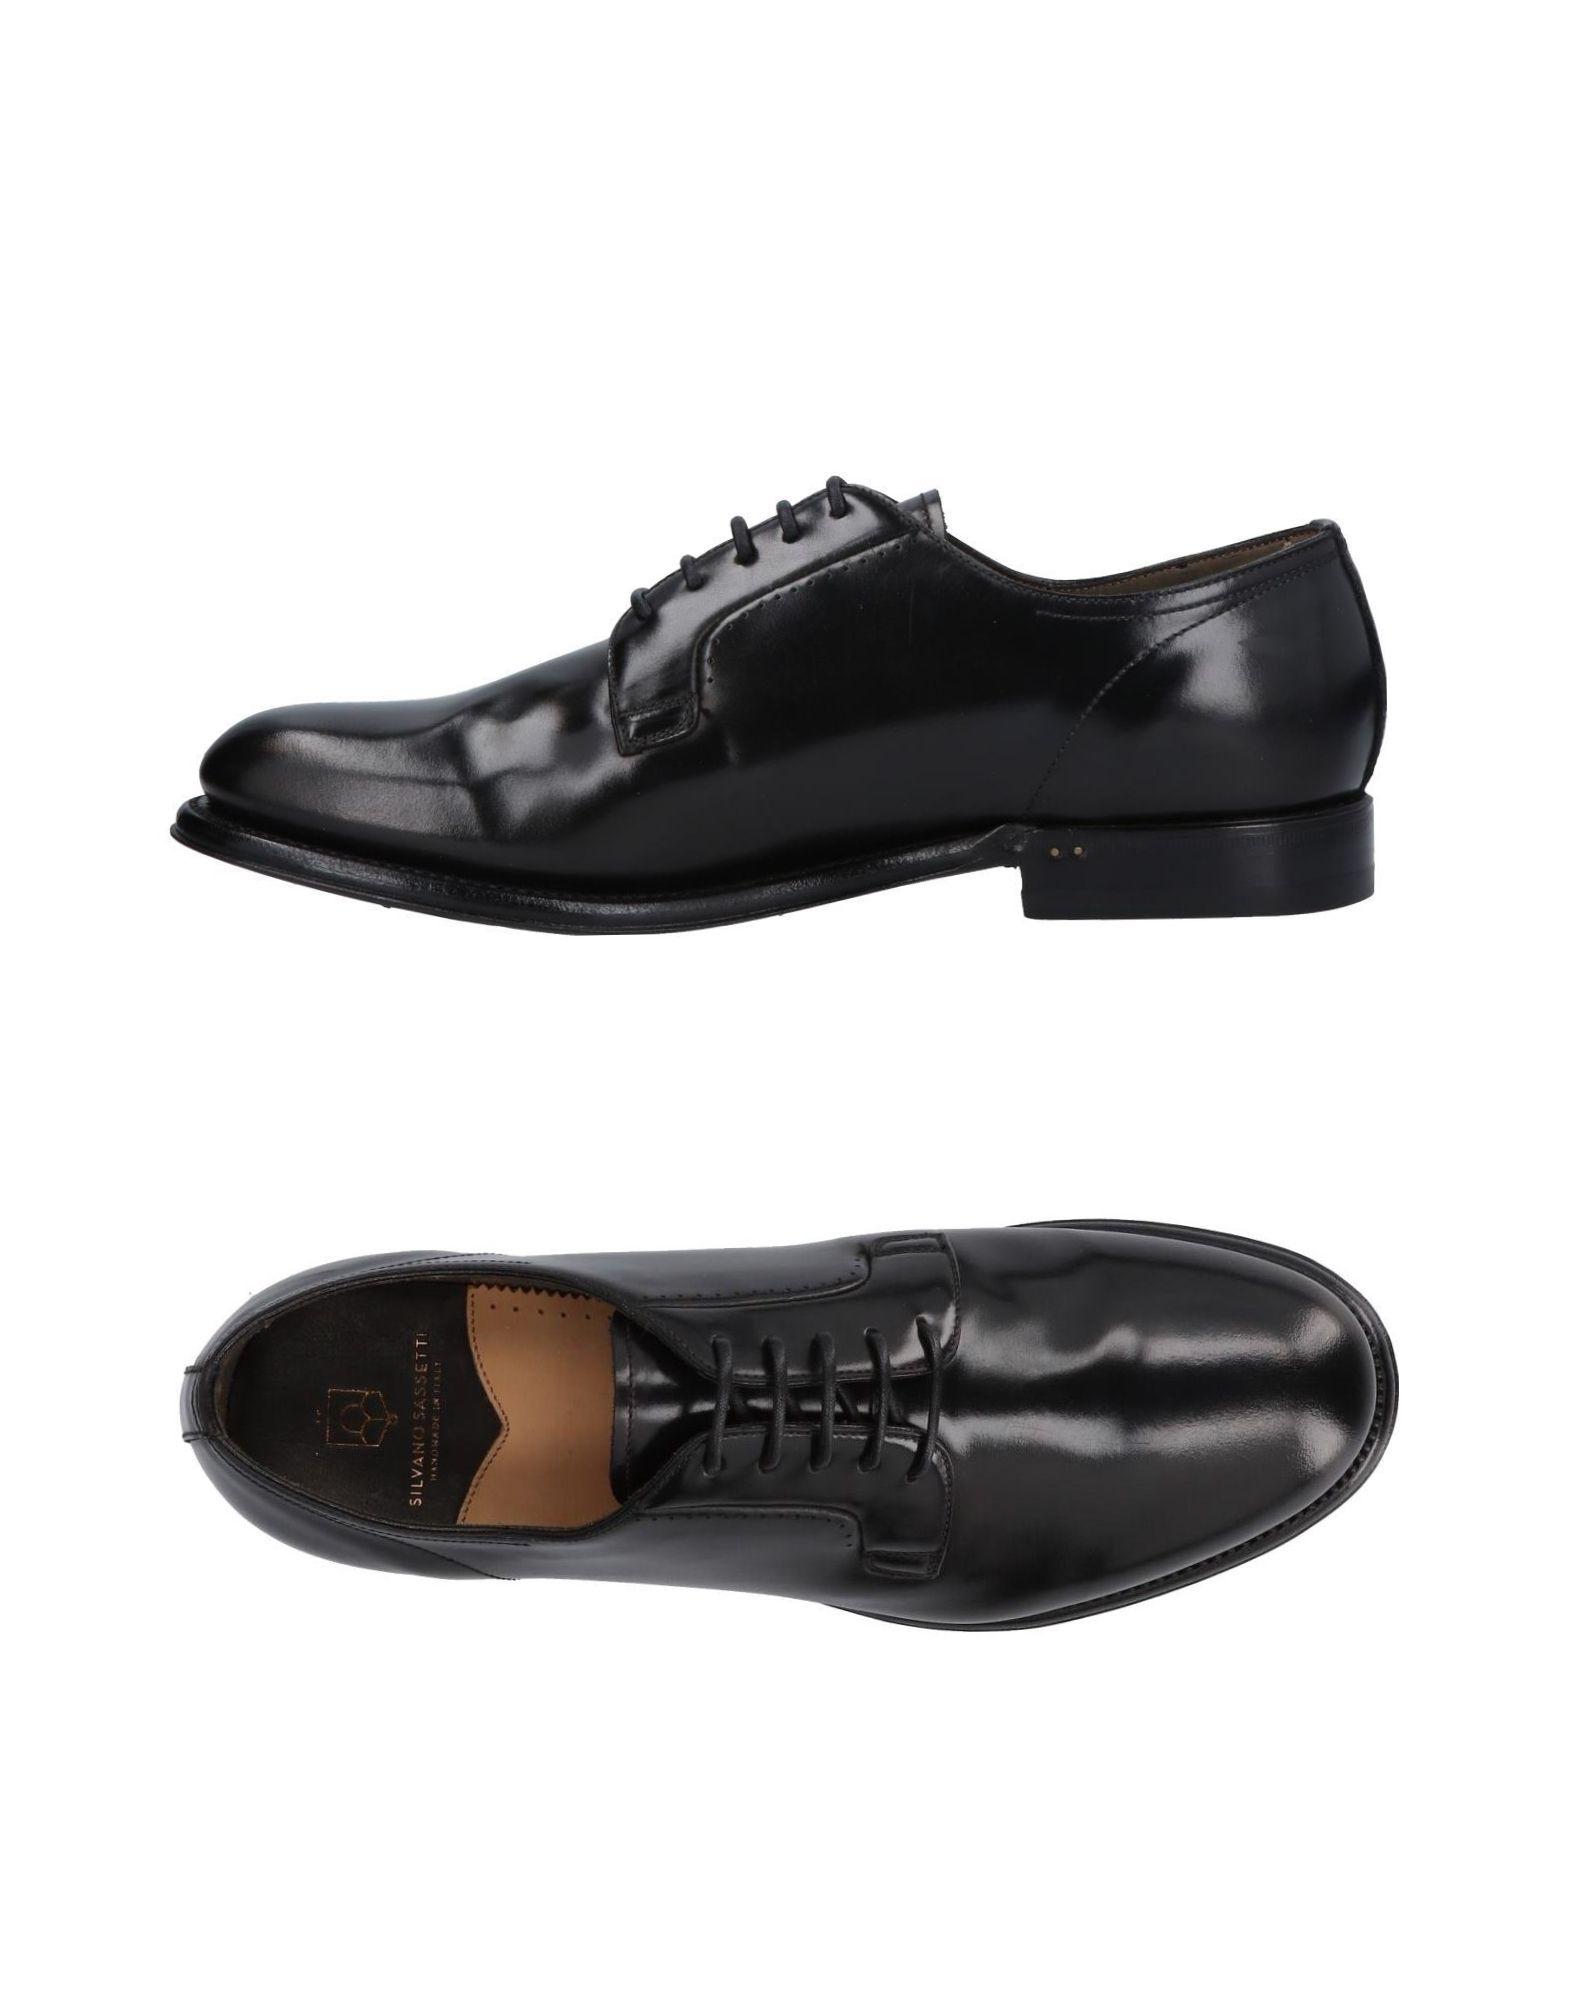 Silvano Sassetti Gute Schnürschuhe Herren  11457924DR Gute Sassetti Qualität beliebte Schuhe 14413a